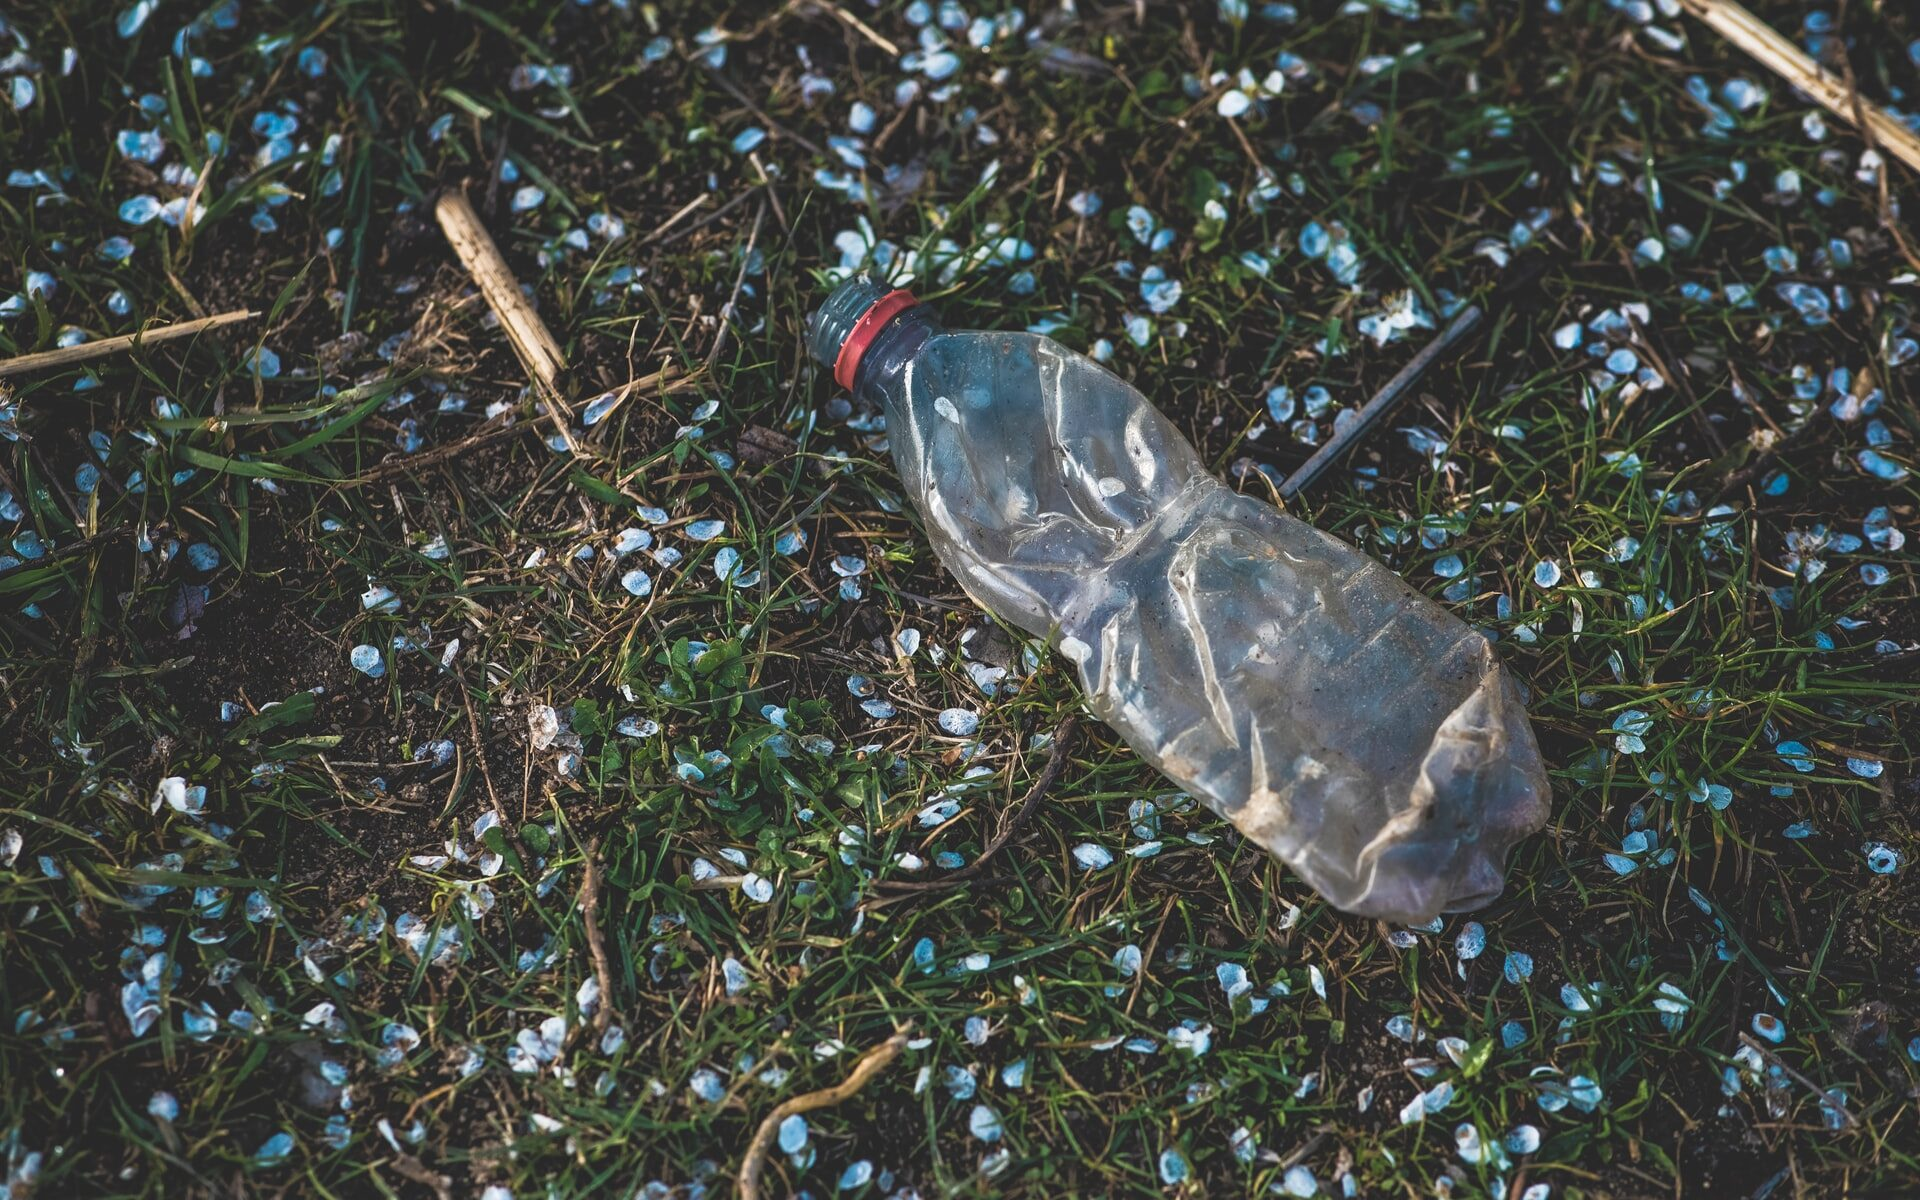 Likainen ruttaantunut muovipullo nurmikolla, jolla on myös valkoisia hitusia.